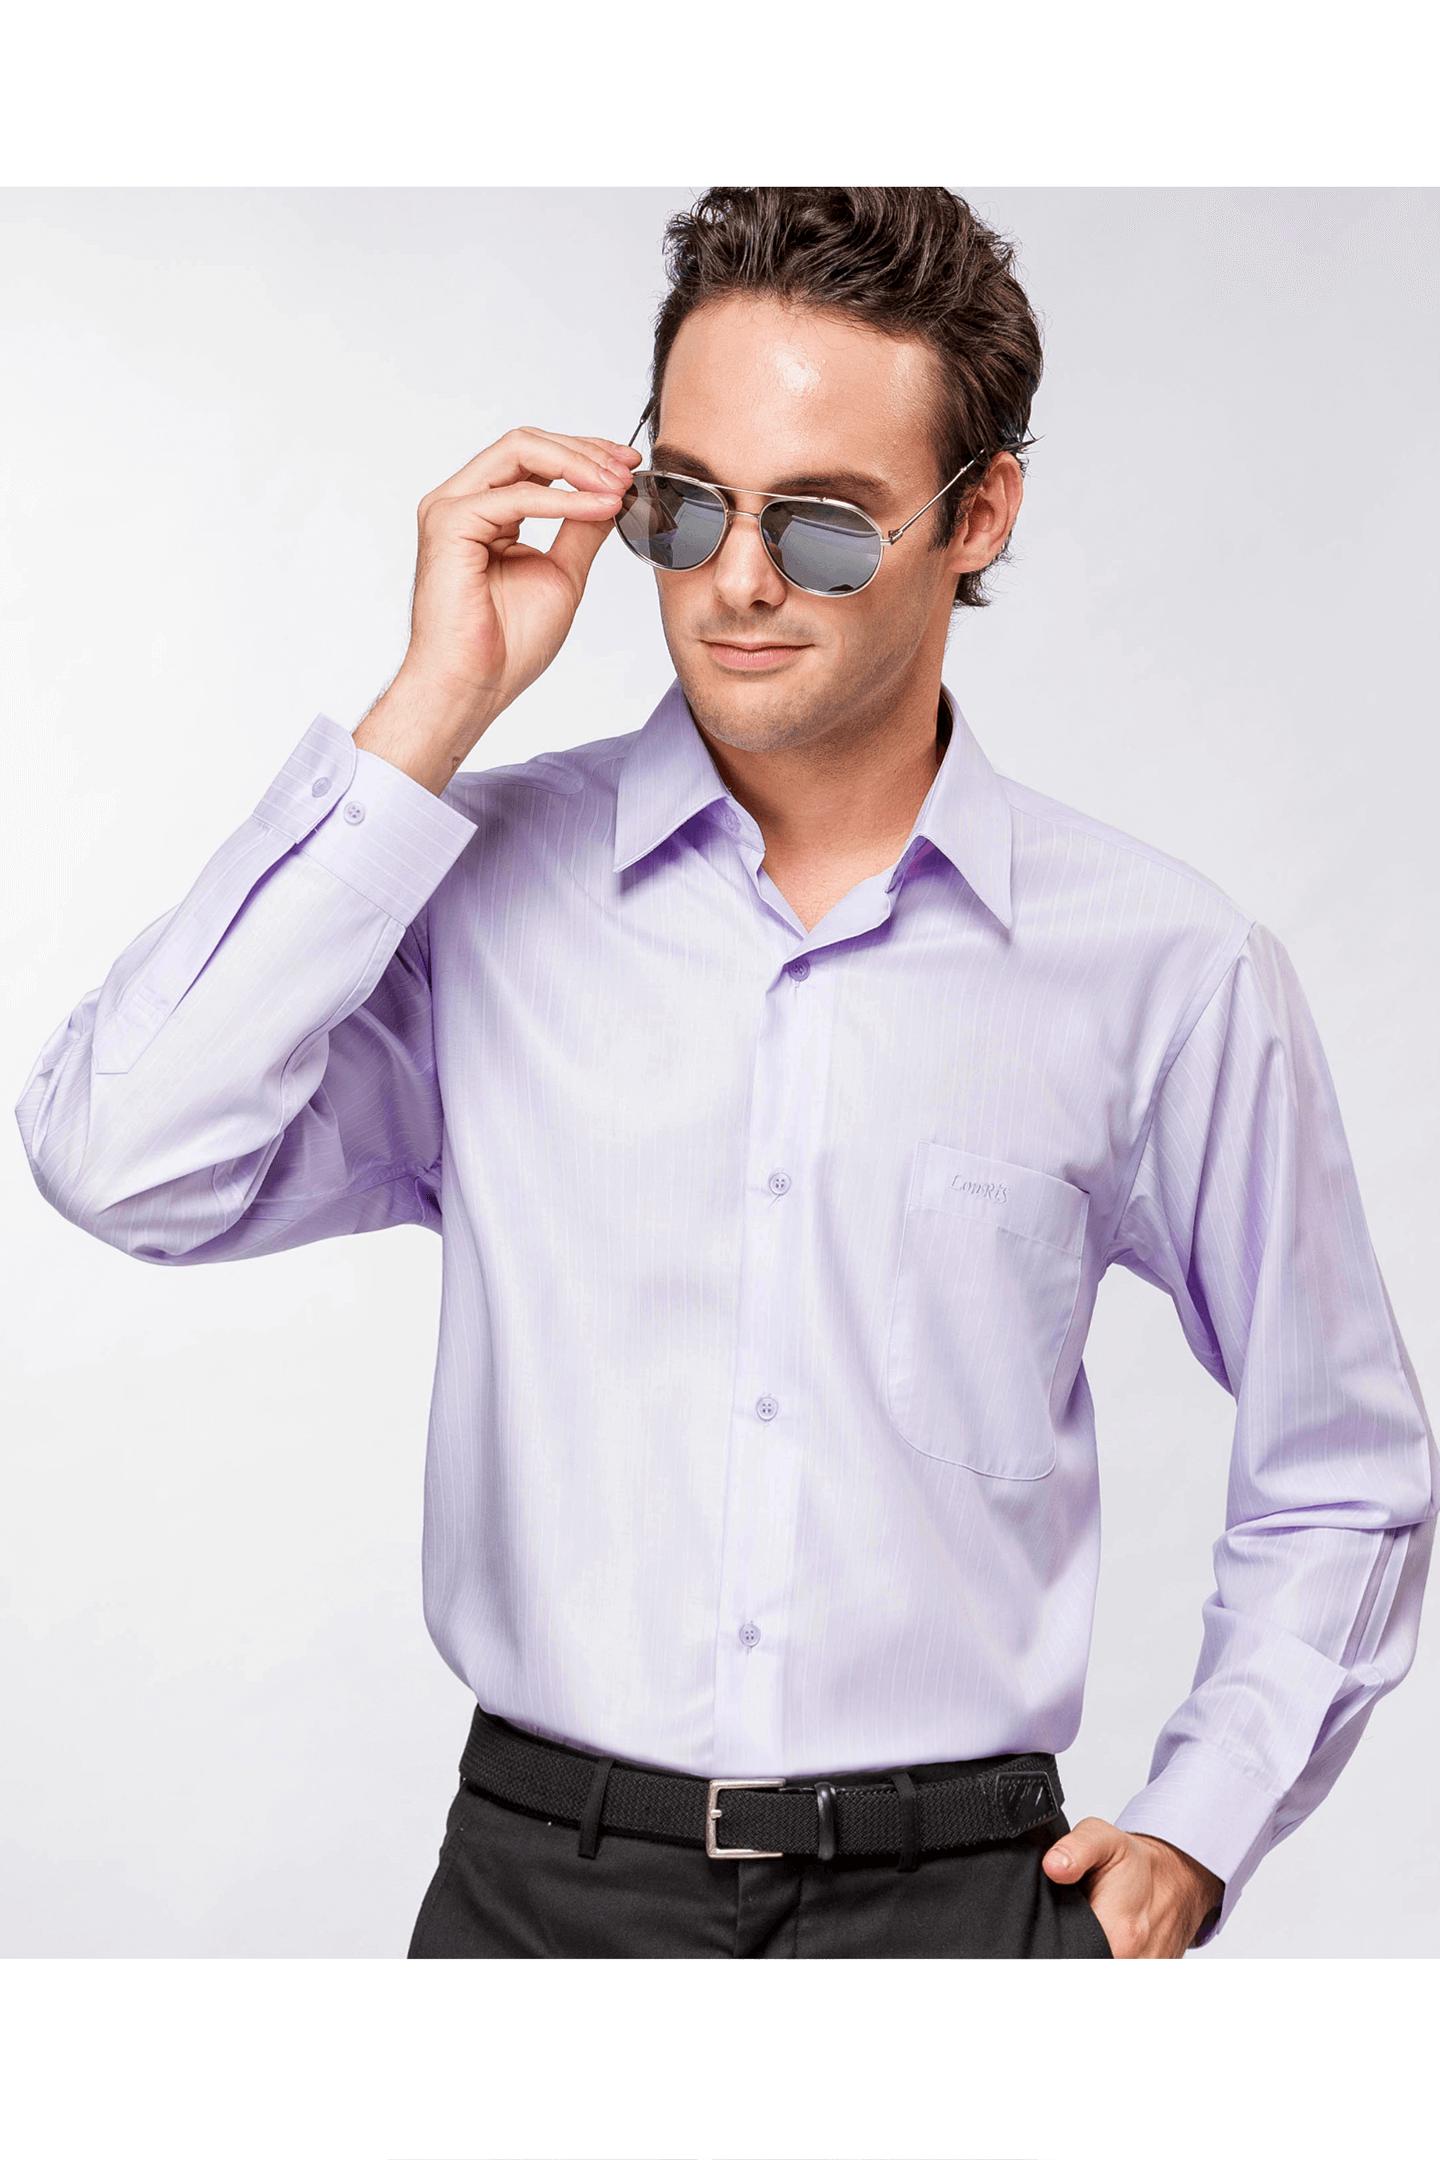 淺紫色緹花長袖襯衫/抗皺 舒適透氣